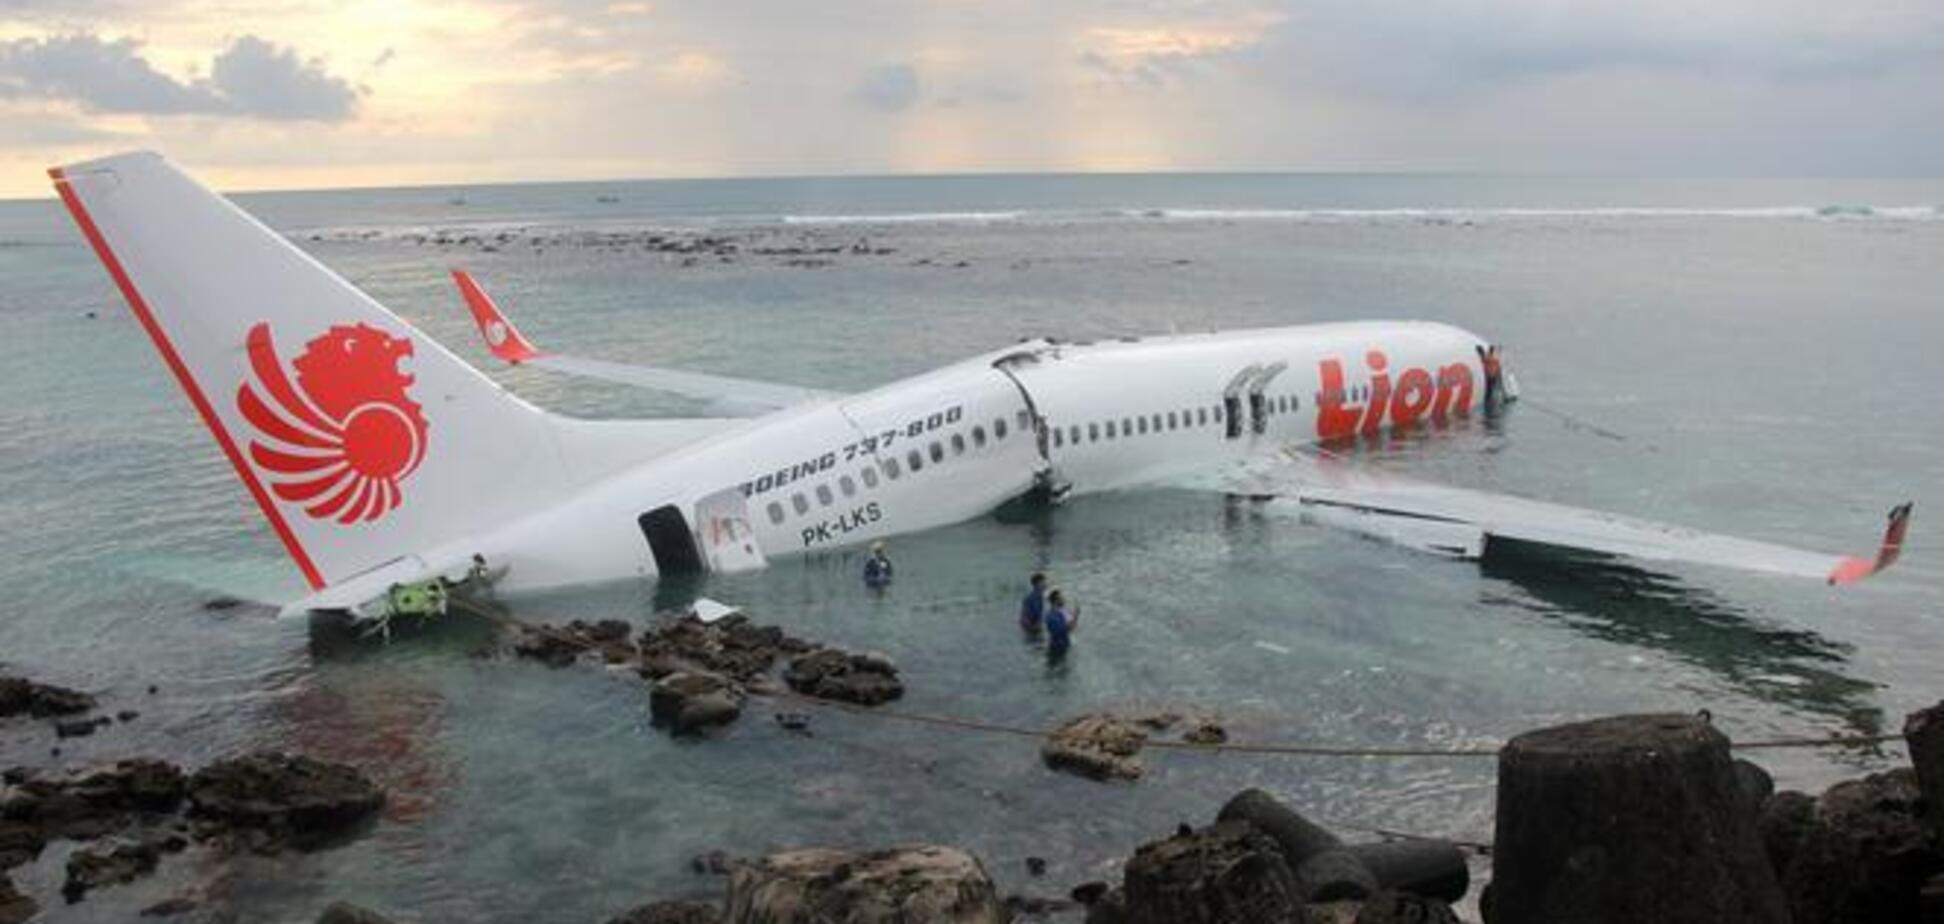 Катастрофа Boeing 737 в Индонезии: все подробности, фото и видео